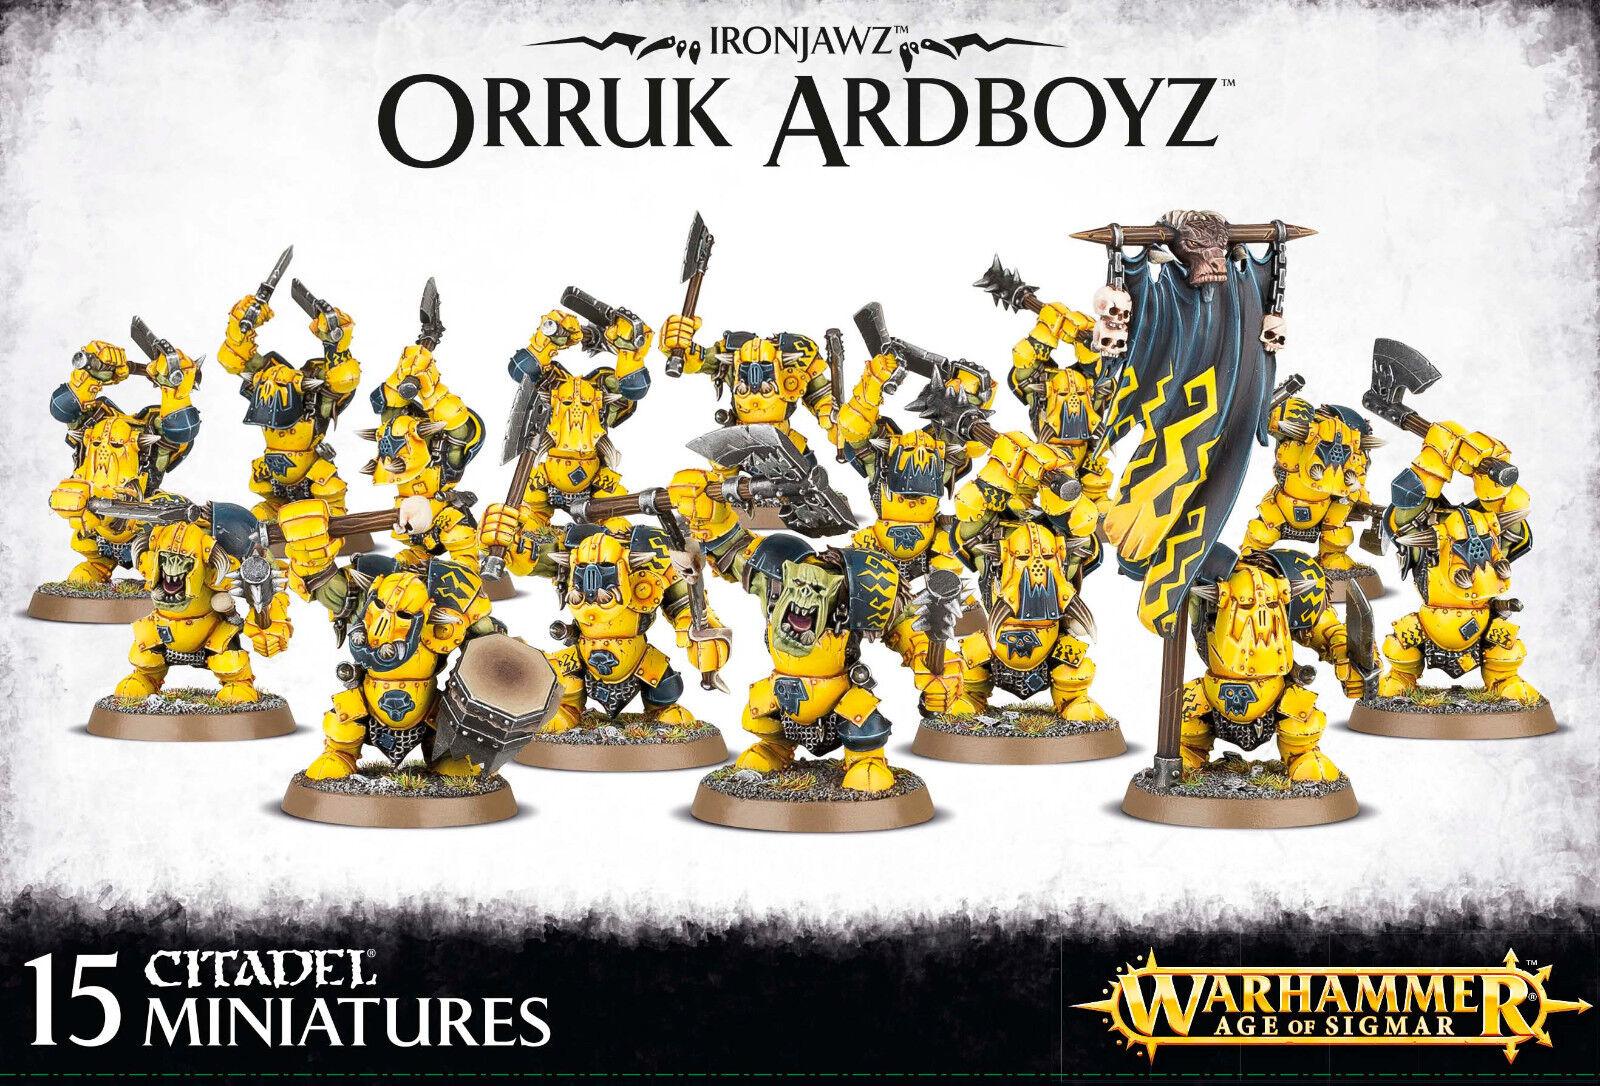 Ironjawz Orruk Ardboyz Ardboys Orcs Goblins Warhammer Fantasy Age of Sigmar NEW